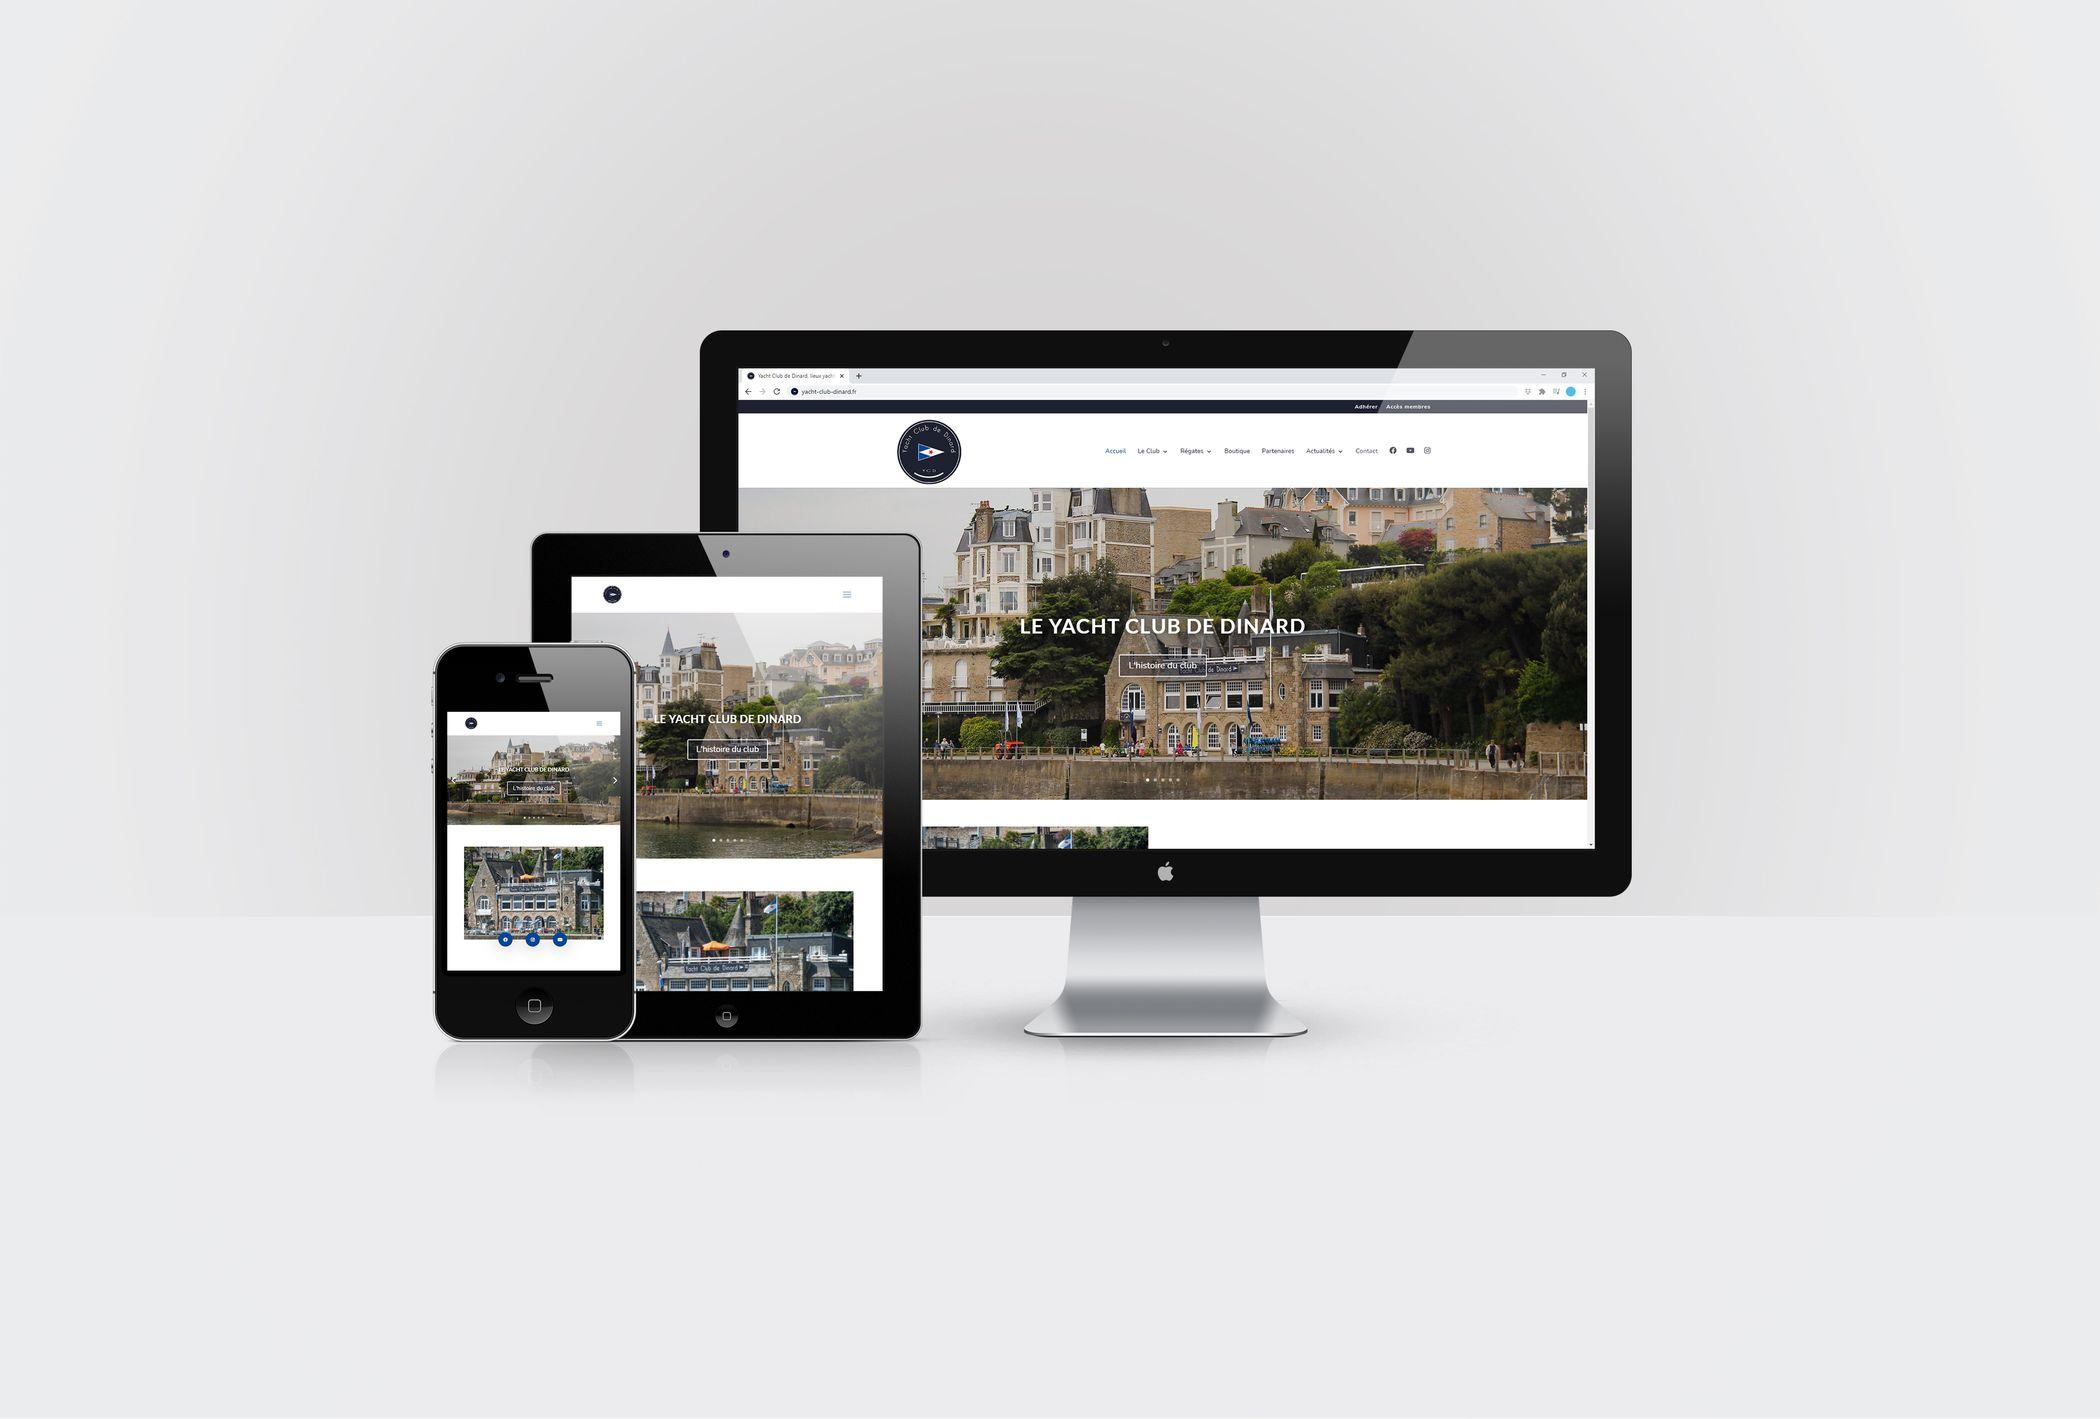 Formation animer son site internet WordPress avec DIVI pour le Yacht Club de Dinard par CréaPAGES